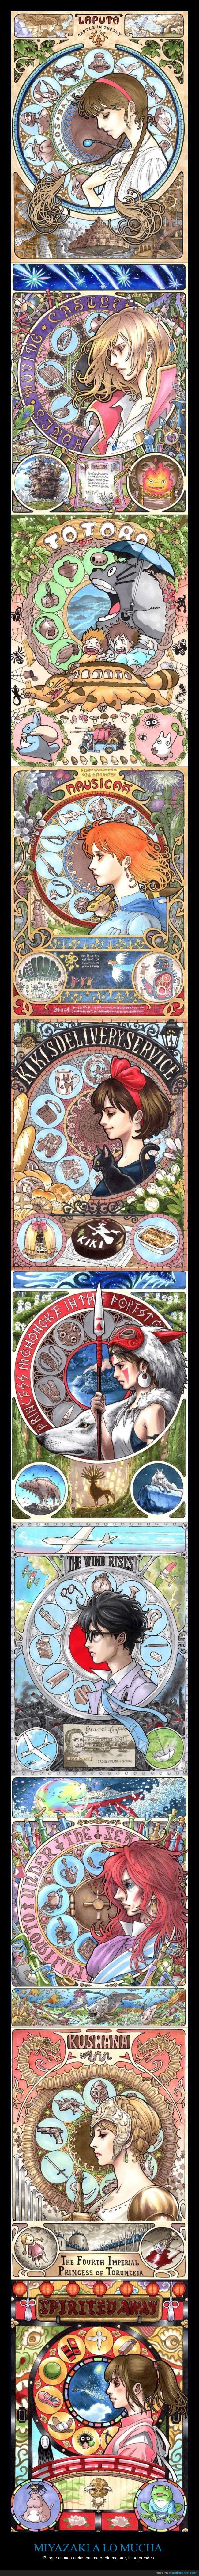 Alfons Mucha,El Castillo ambulante,el viaje de chihiro,Kiki,La princesa mononoke,Miyazaki,Nausicaa,Totoro